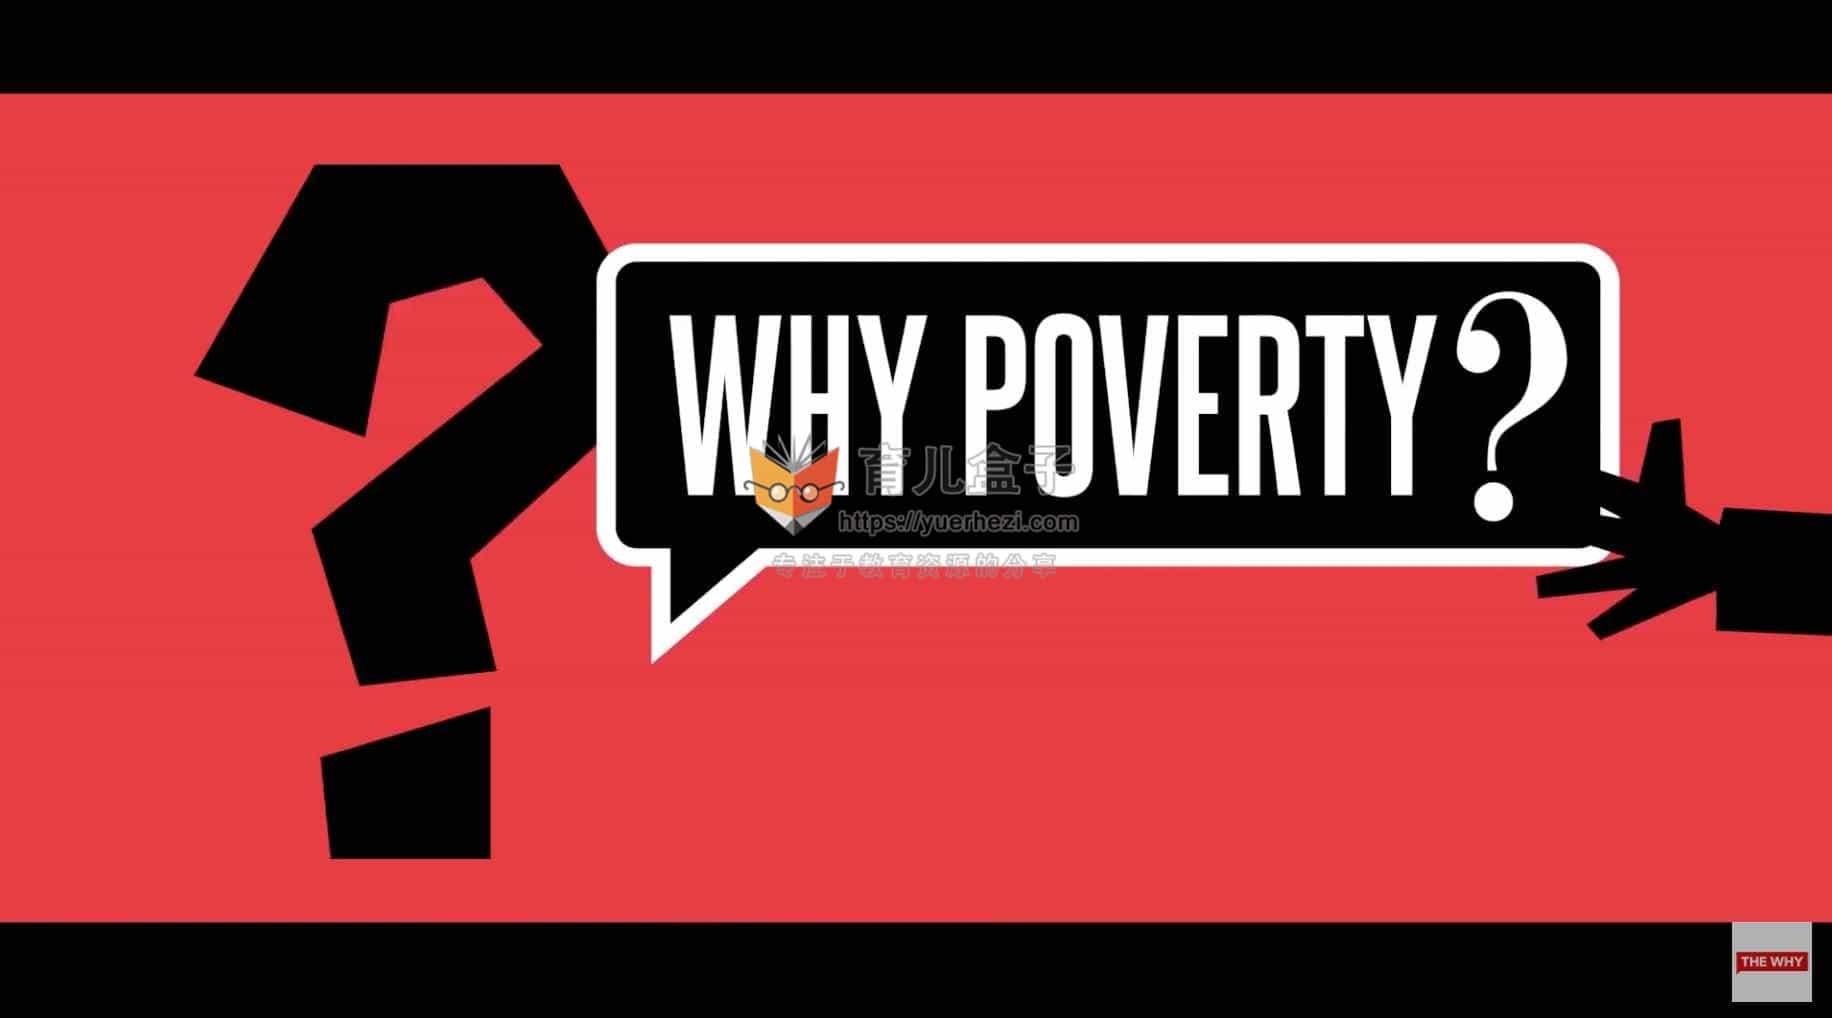 纪录片 为什么贫穷 Why Poverty 全8集 中文字幕 高清视频